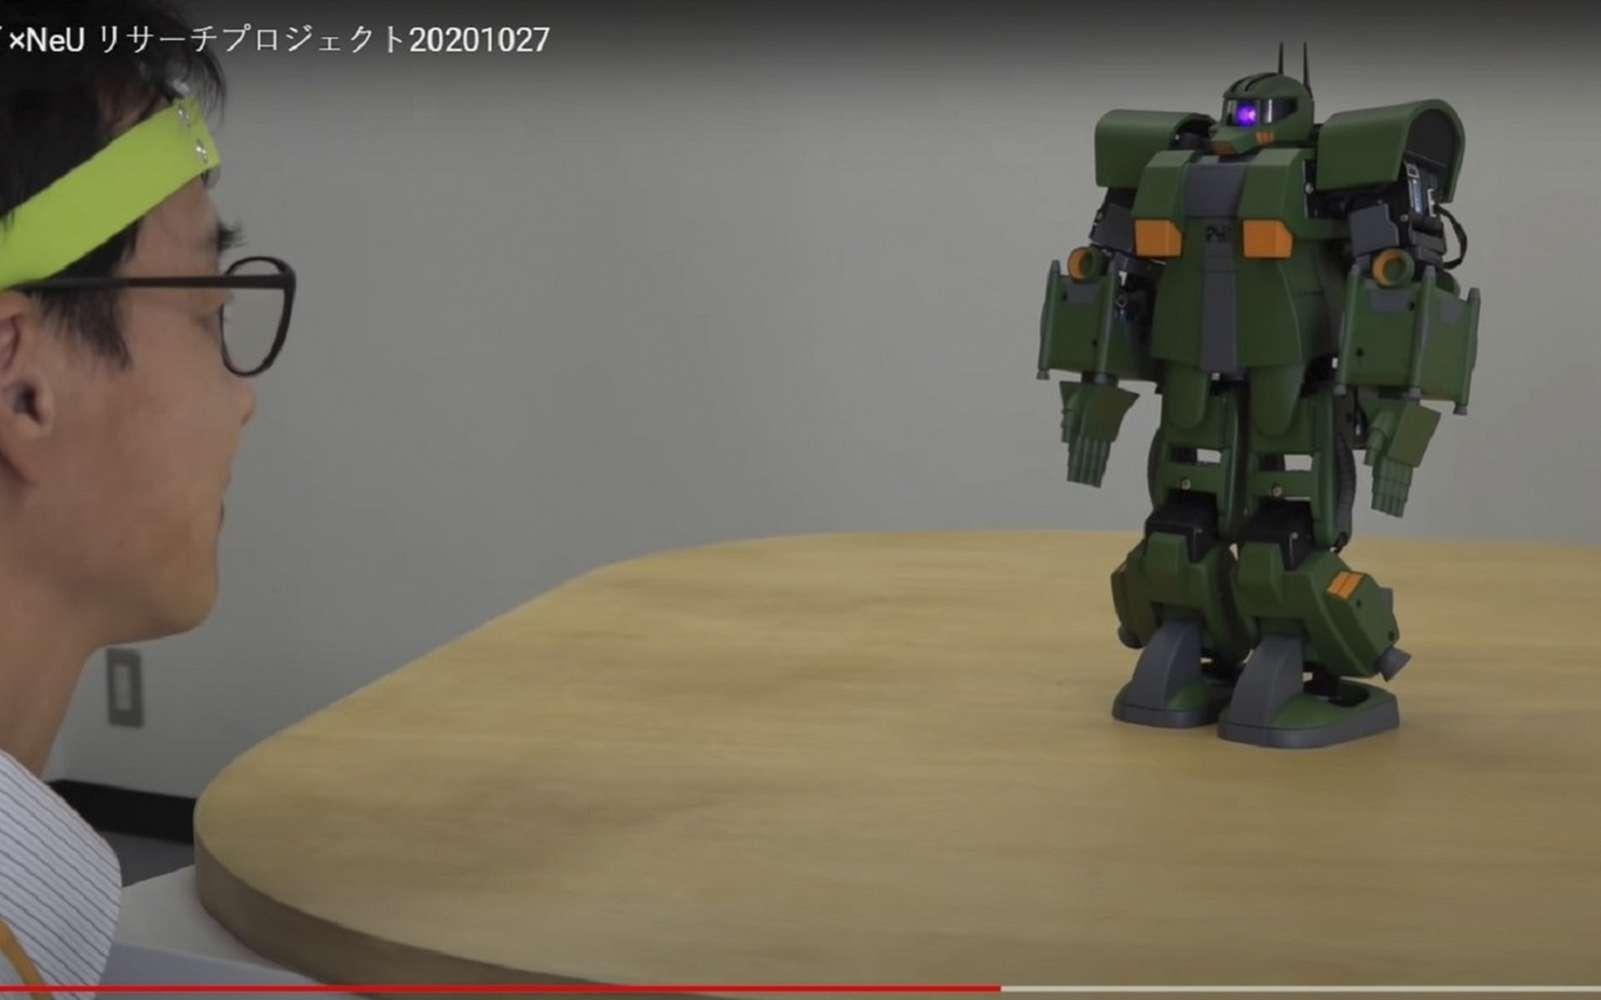 La société japonaise a crée une solution pour commander un robot grâce à l'activité cérébrale. © NeU, Youtube.com